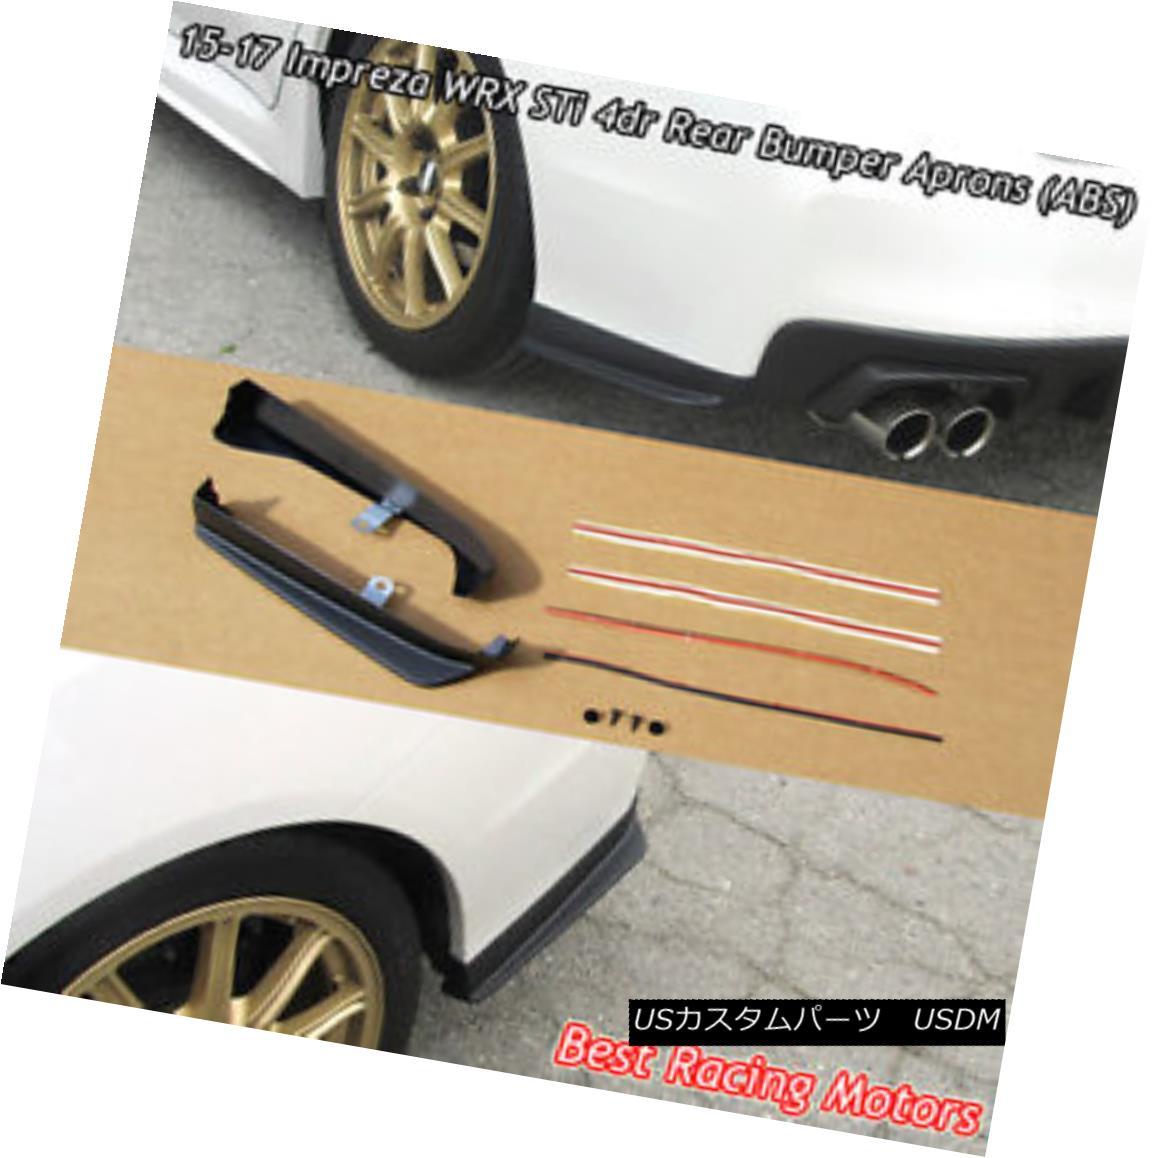 エアロパーツ Rear Bumper Aprons (ABS) Fits 15-18 Subaru WRX STi 4dr リアバンパーエプロン(ABS)15-18スバルWRX STi 4drに適合